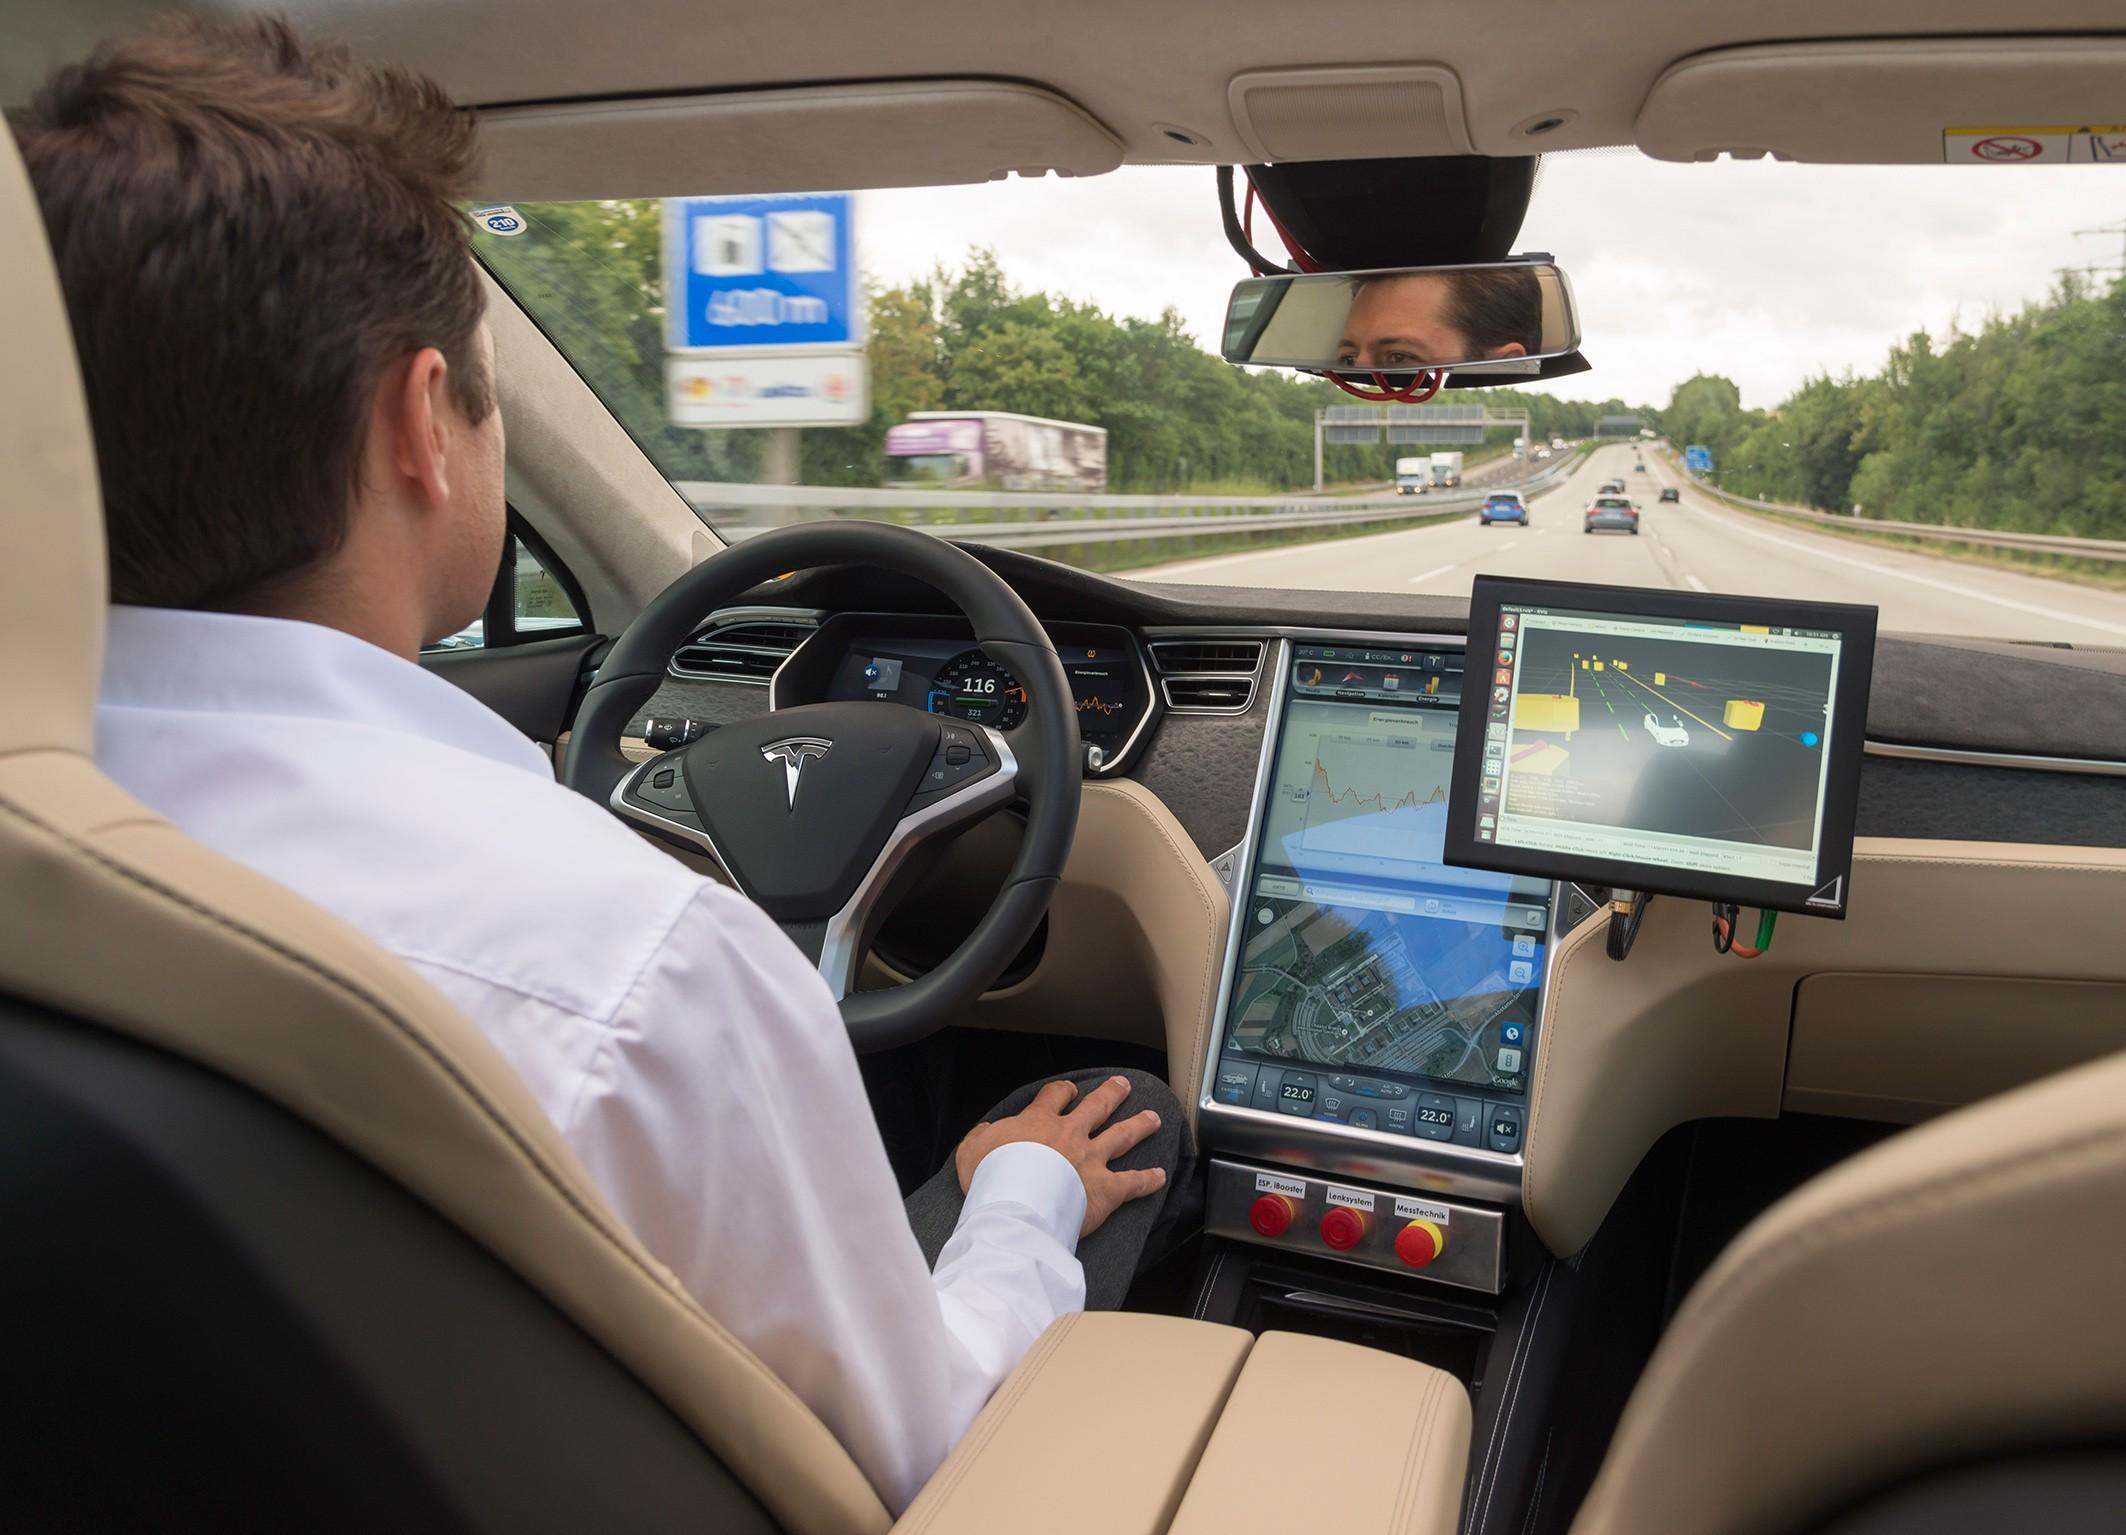 博世重磅出击2016年CES 展示最新车联技术